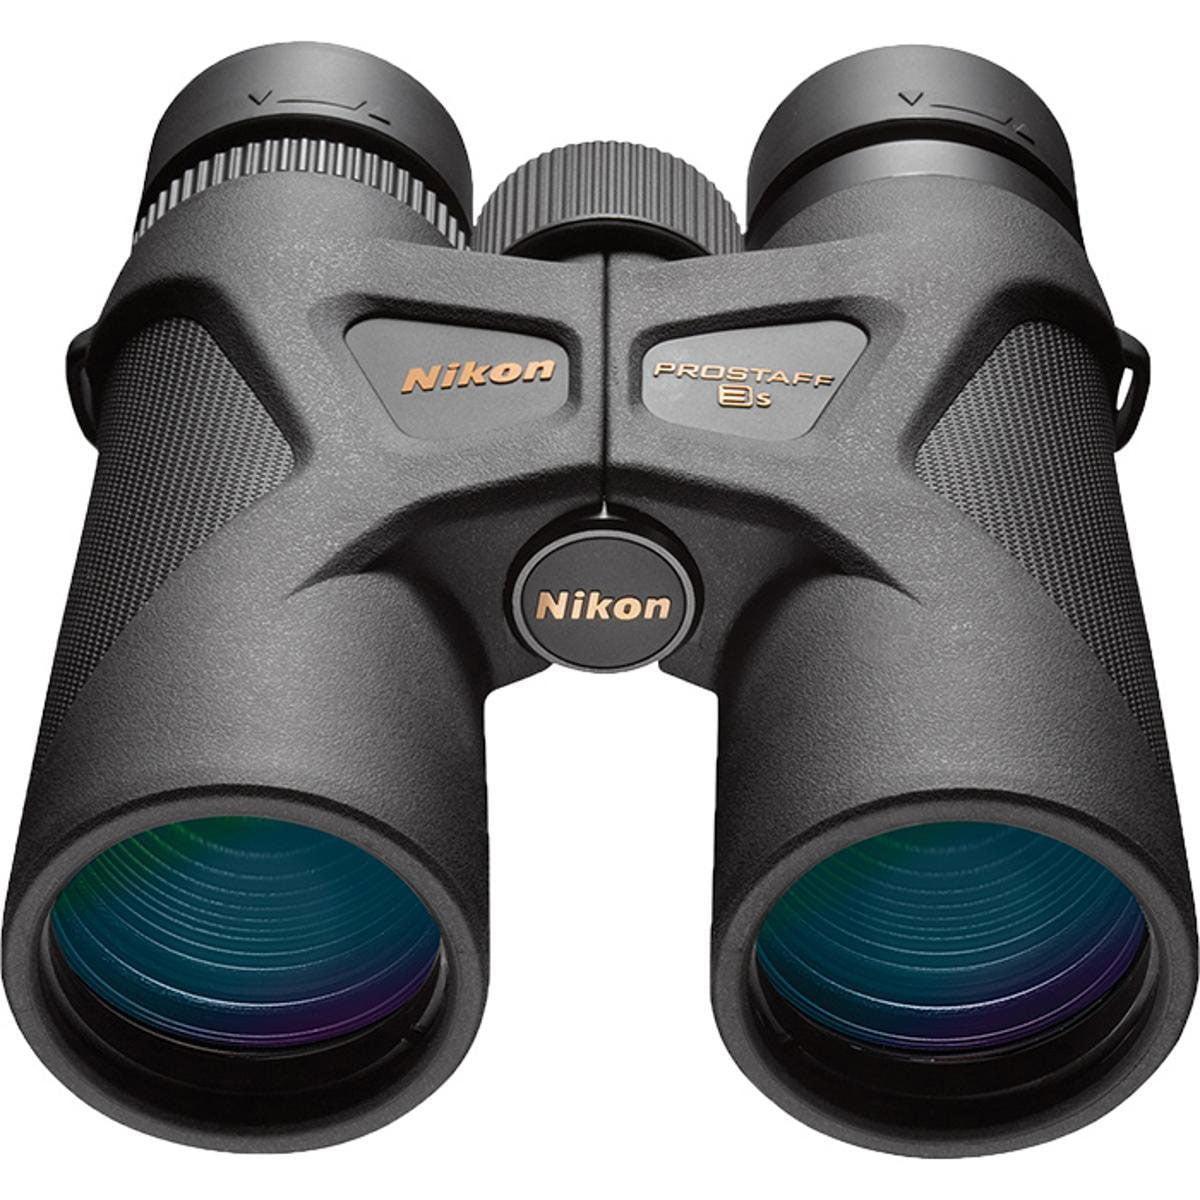 Nikon 10x42 Prostaff 3S Binocular by Nikon